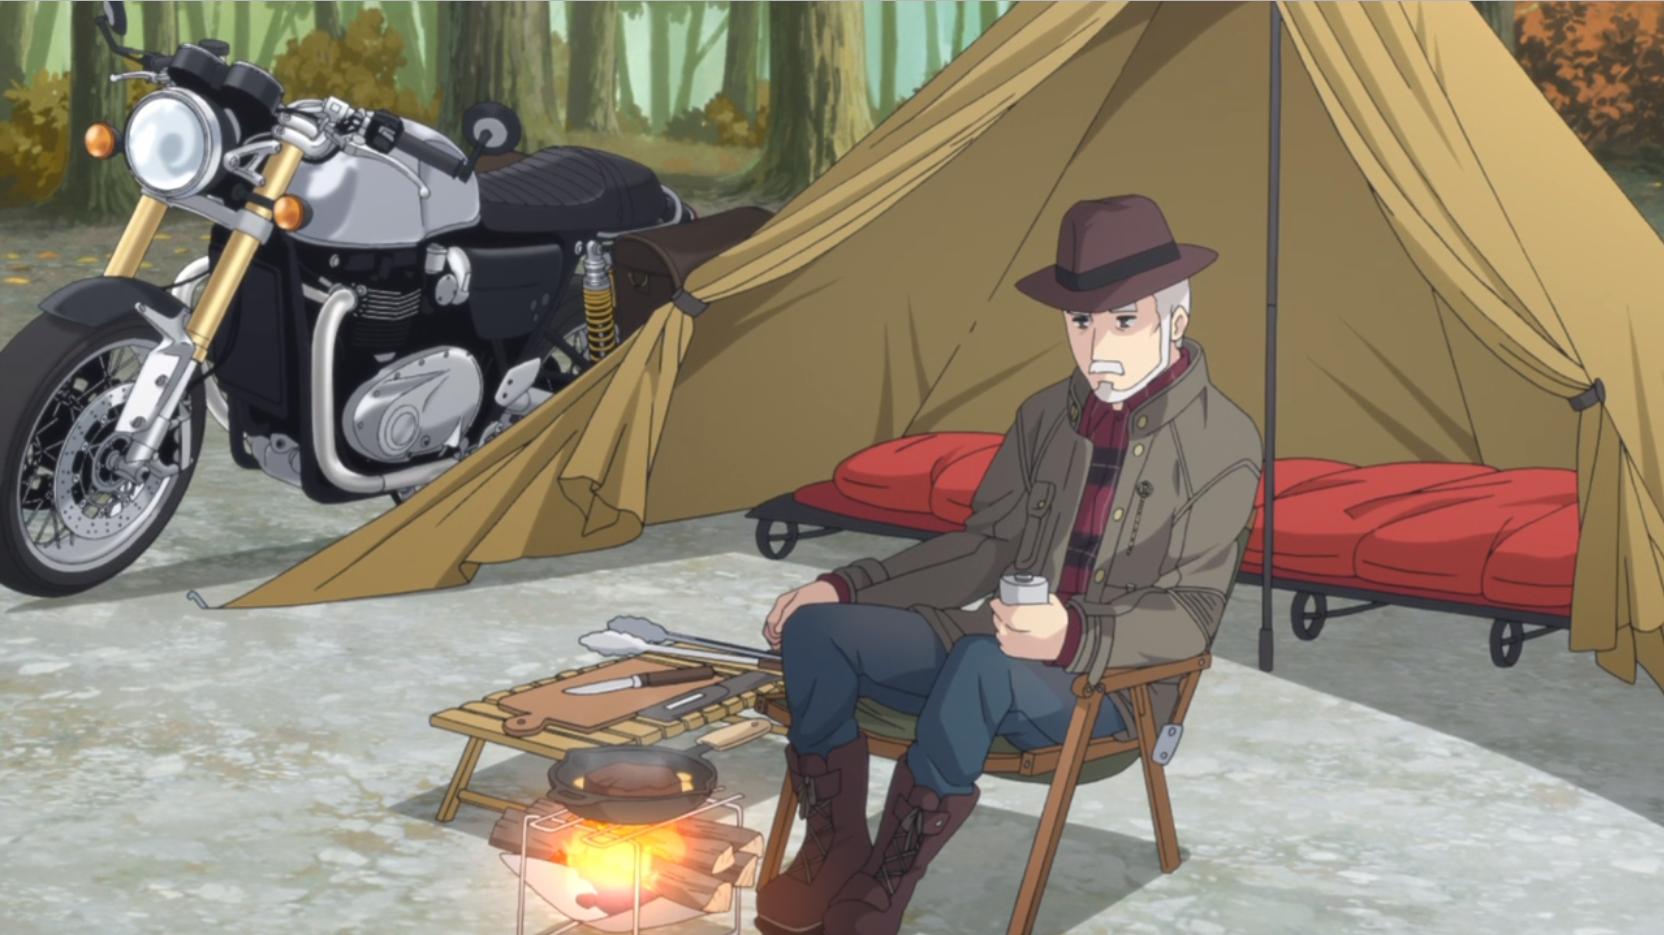 アニメ『ゆるキャン△』6話で大垣千明は志摩リンのおじいちゃんと思しきダンディな老人にステーキをご馳走になるシーン